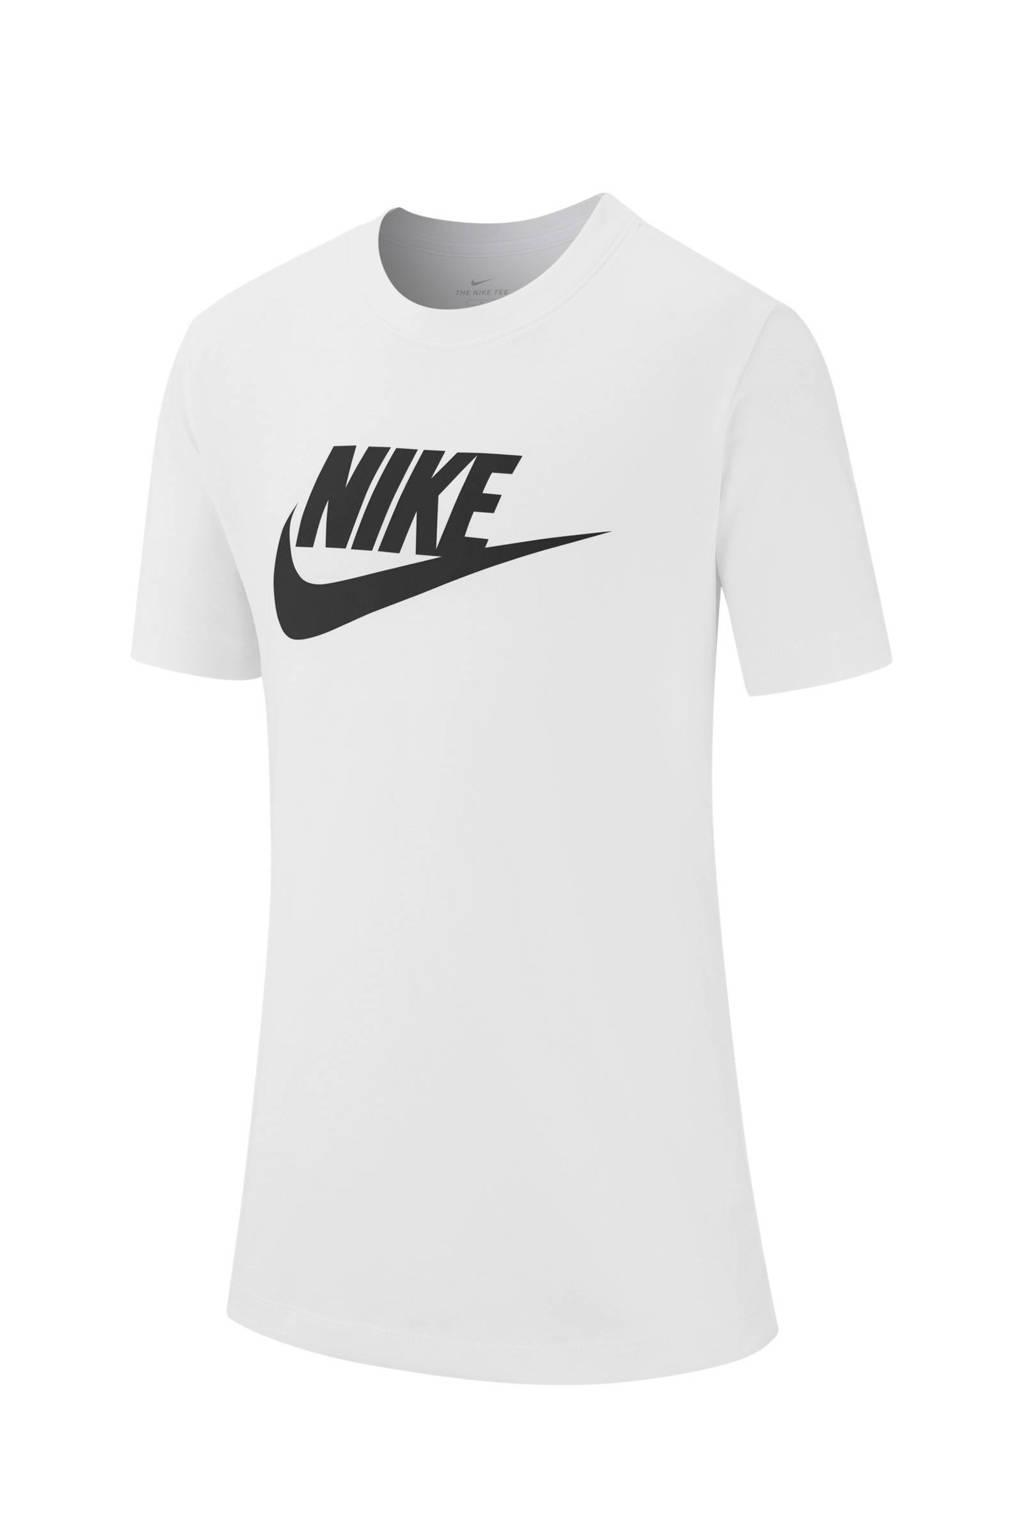 Nike T-shirt wit, Wit/zwart